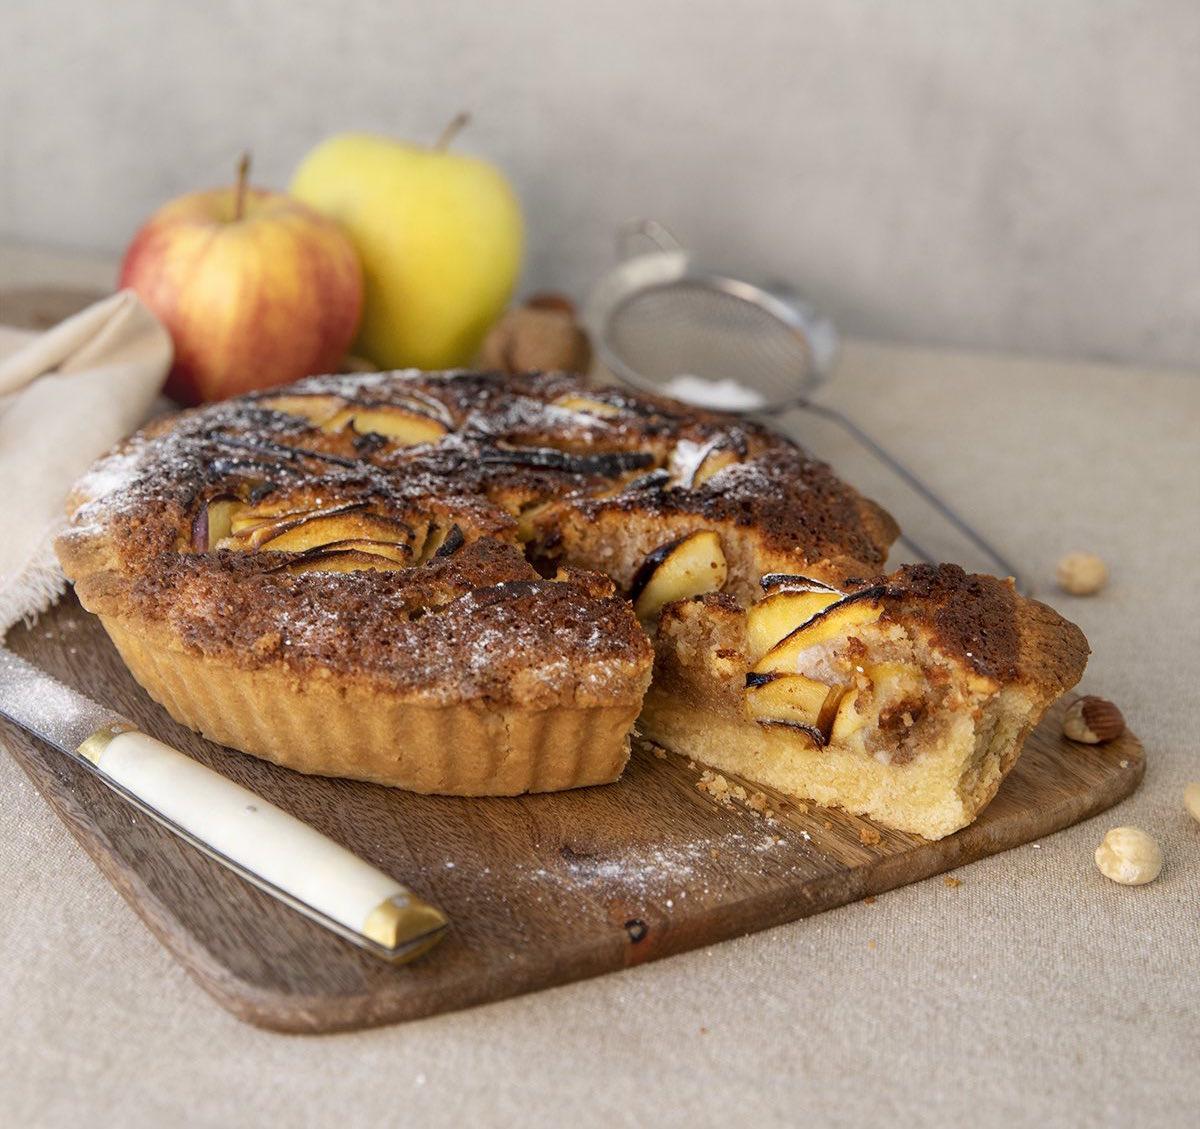 OllaGM_Postre_Tarta de frutos secos y manzana_RRSS